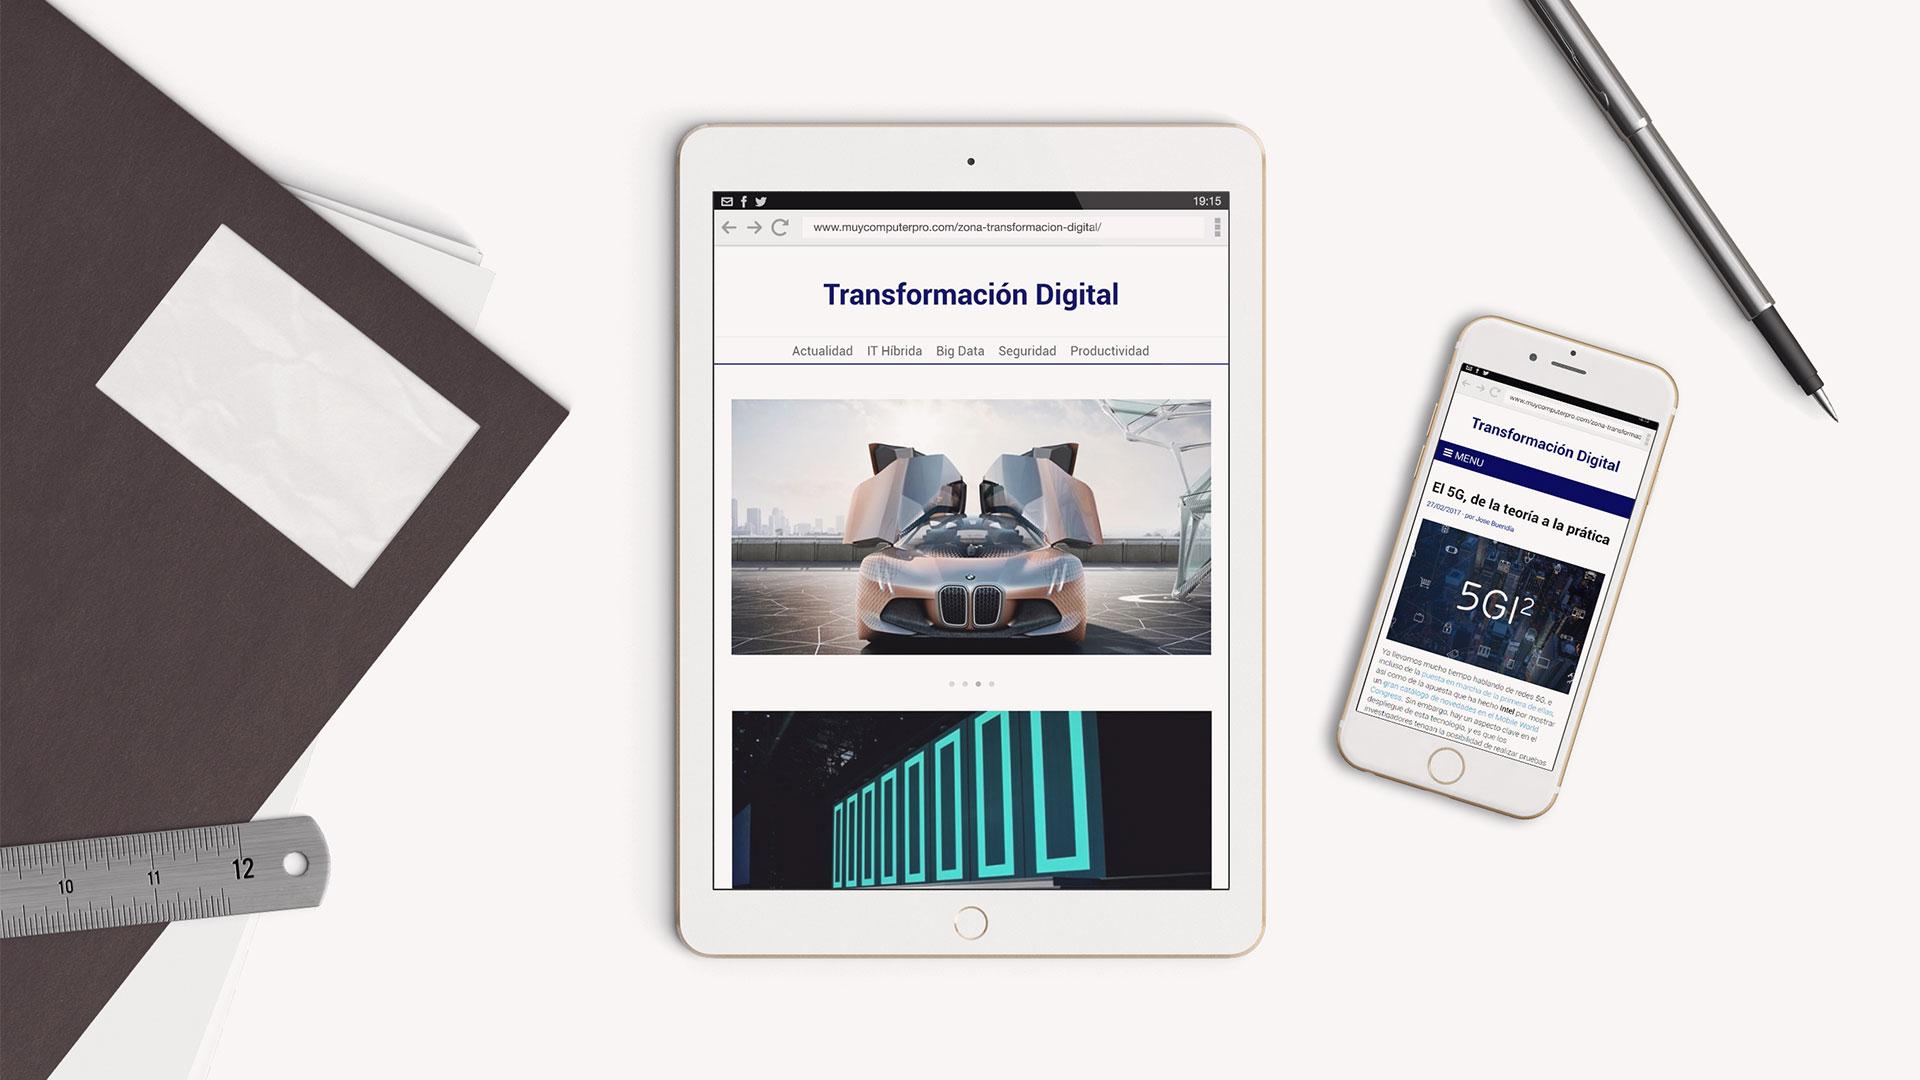 zona-hp-transformacion-digital-content-marketing-web-patrocinio-05